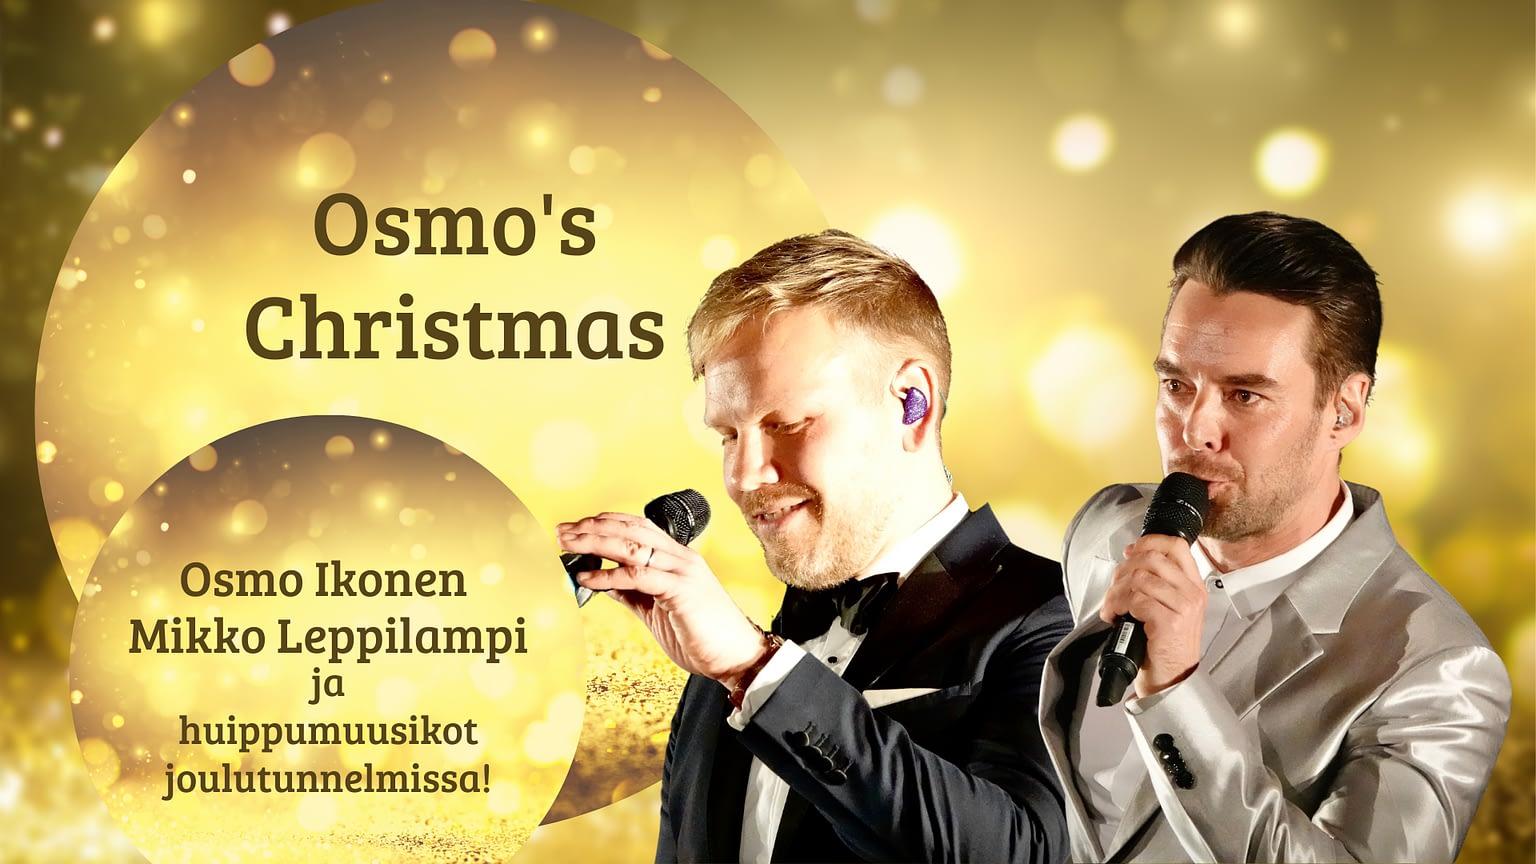 Osmo's Christmas Osmo Ikonen ja Mikko Leppilampi joulutunnelmissa